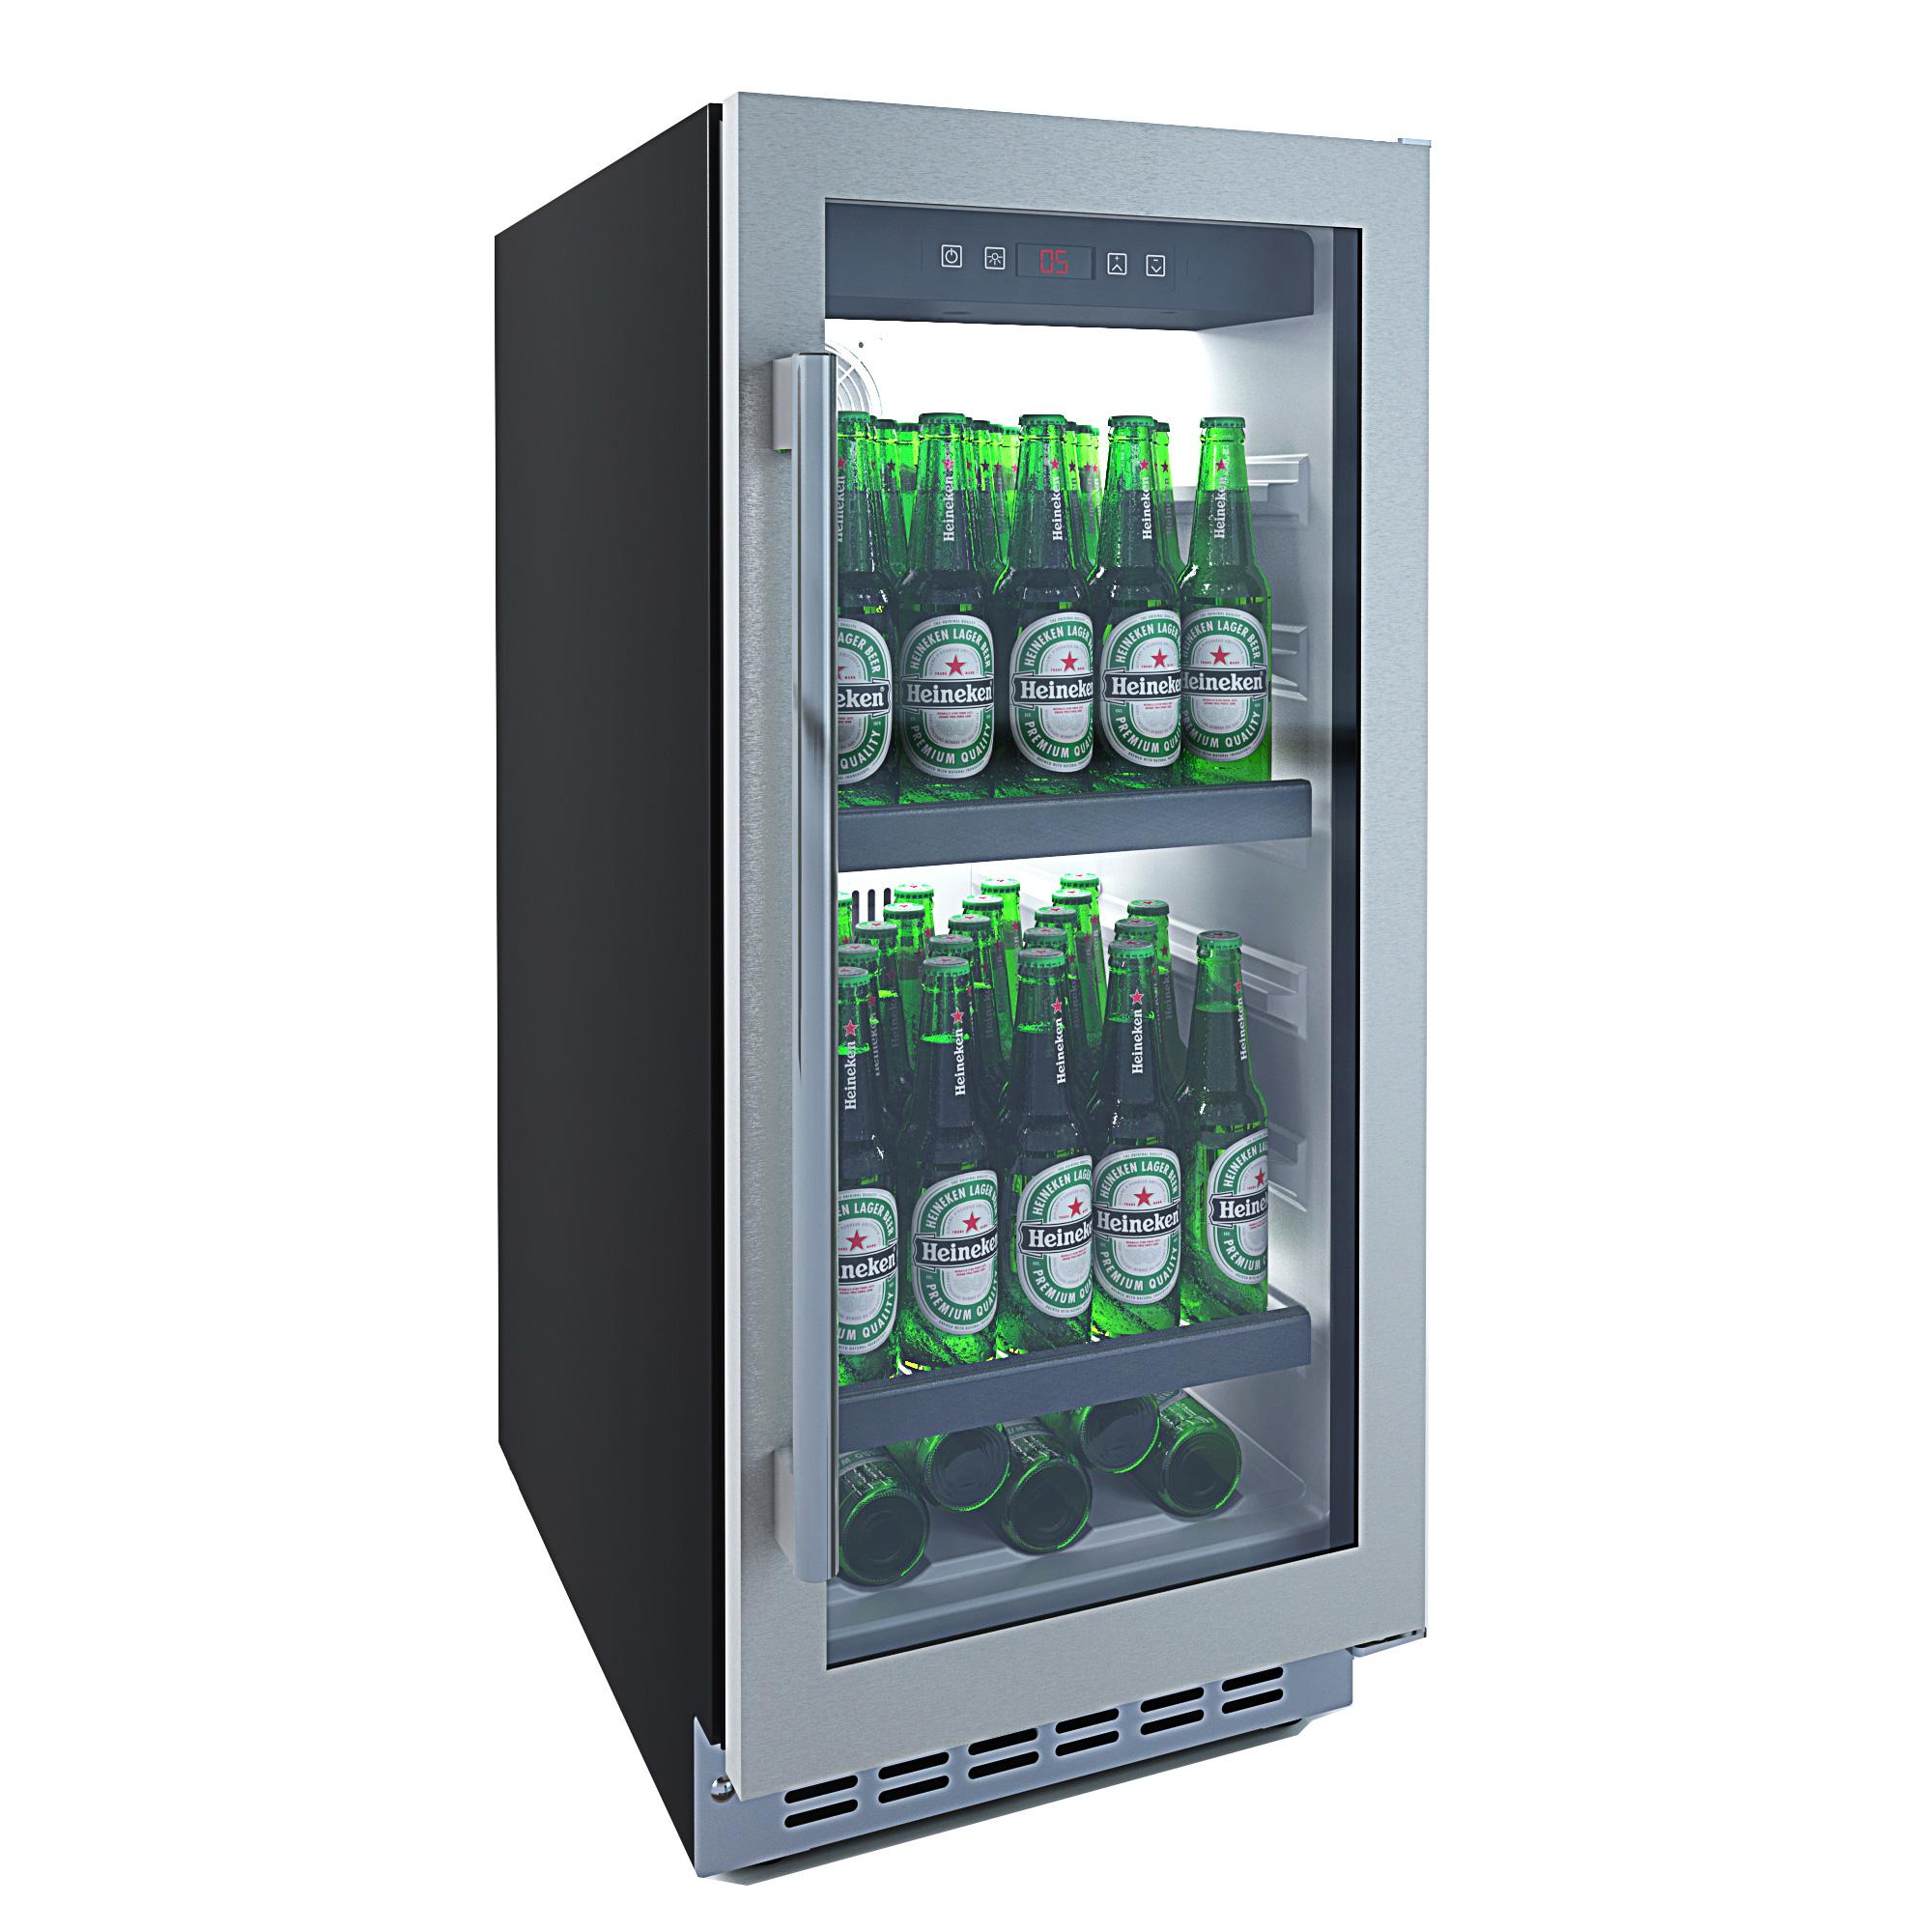 Einbau Bierkühlschrank In Edelstahl Subzero Beer Froster 40 Cm B